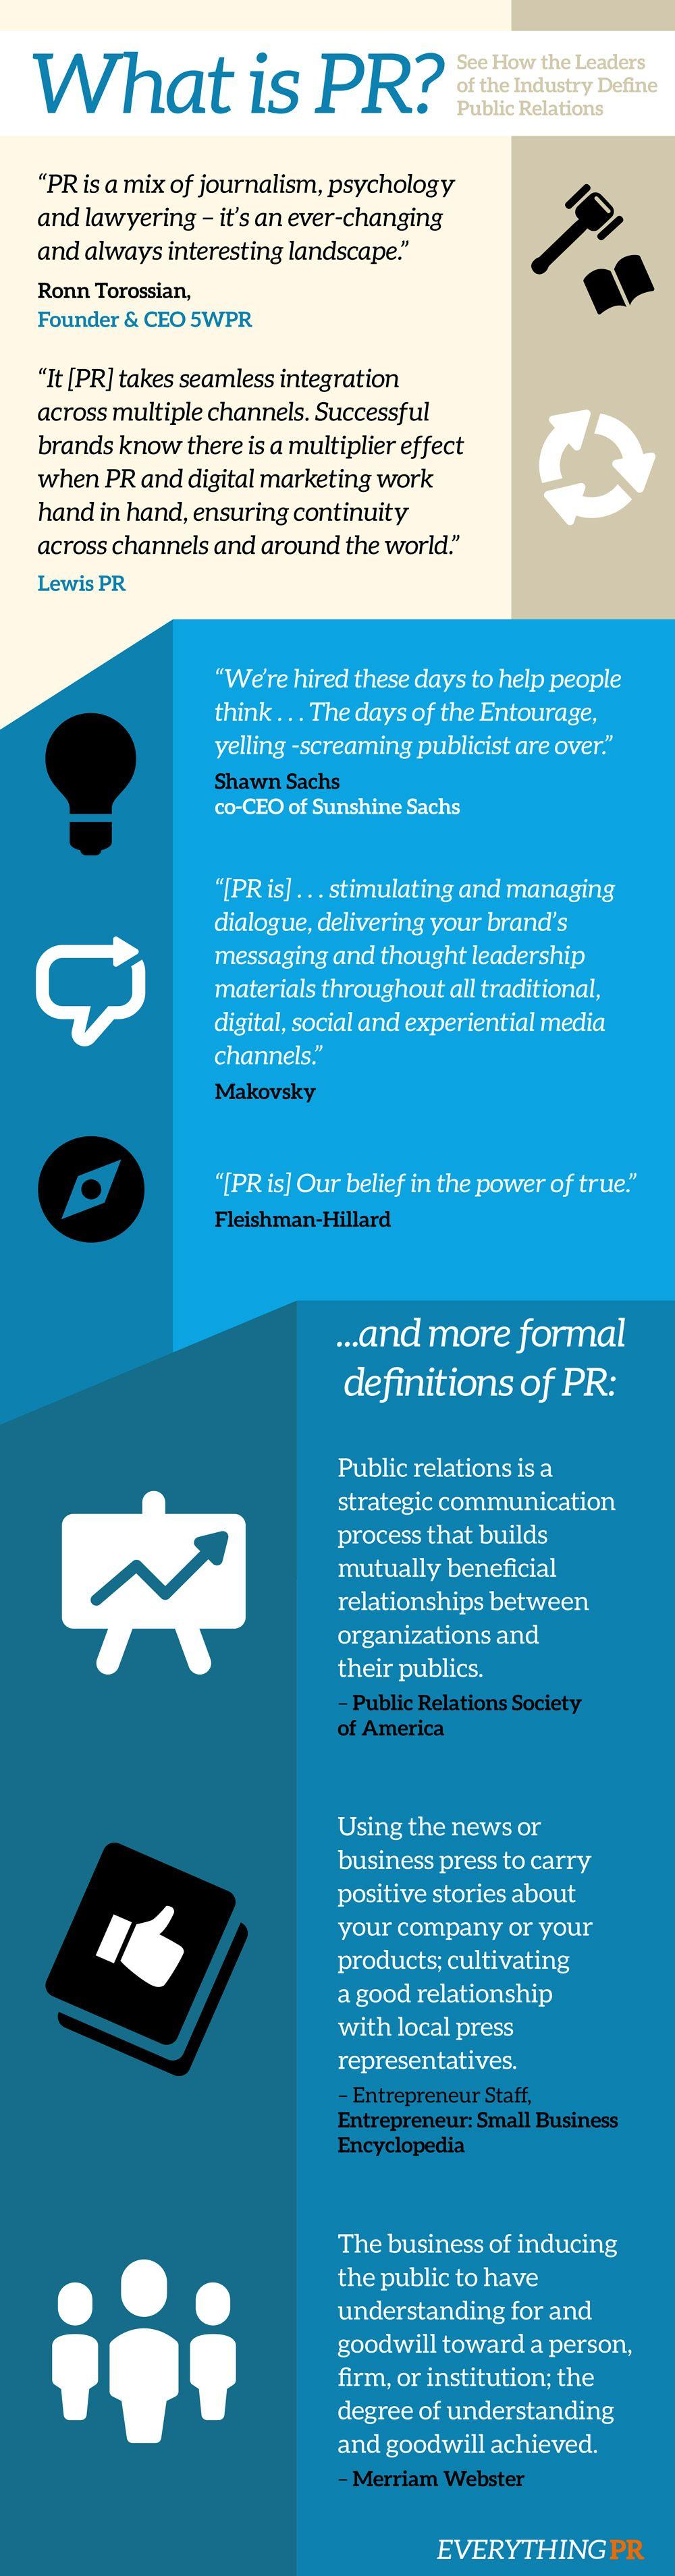 Public Relations Definition What is PR? Public